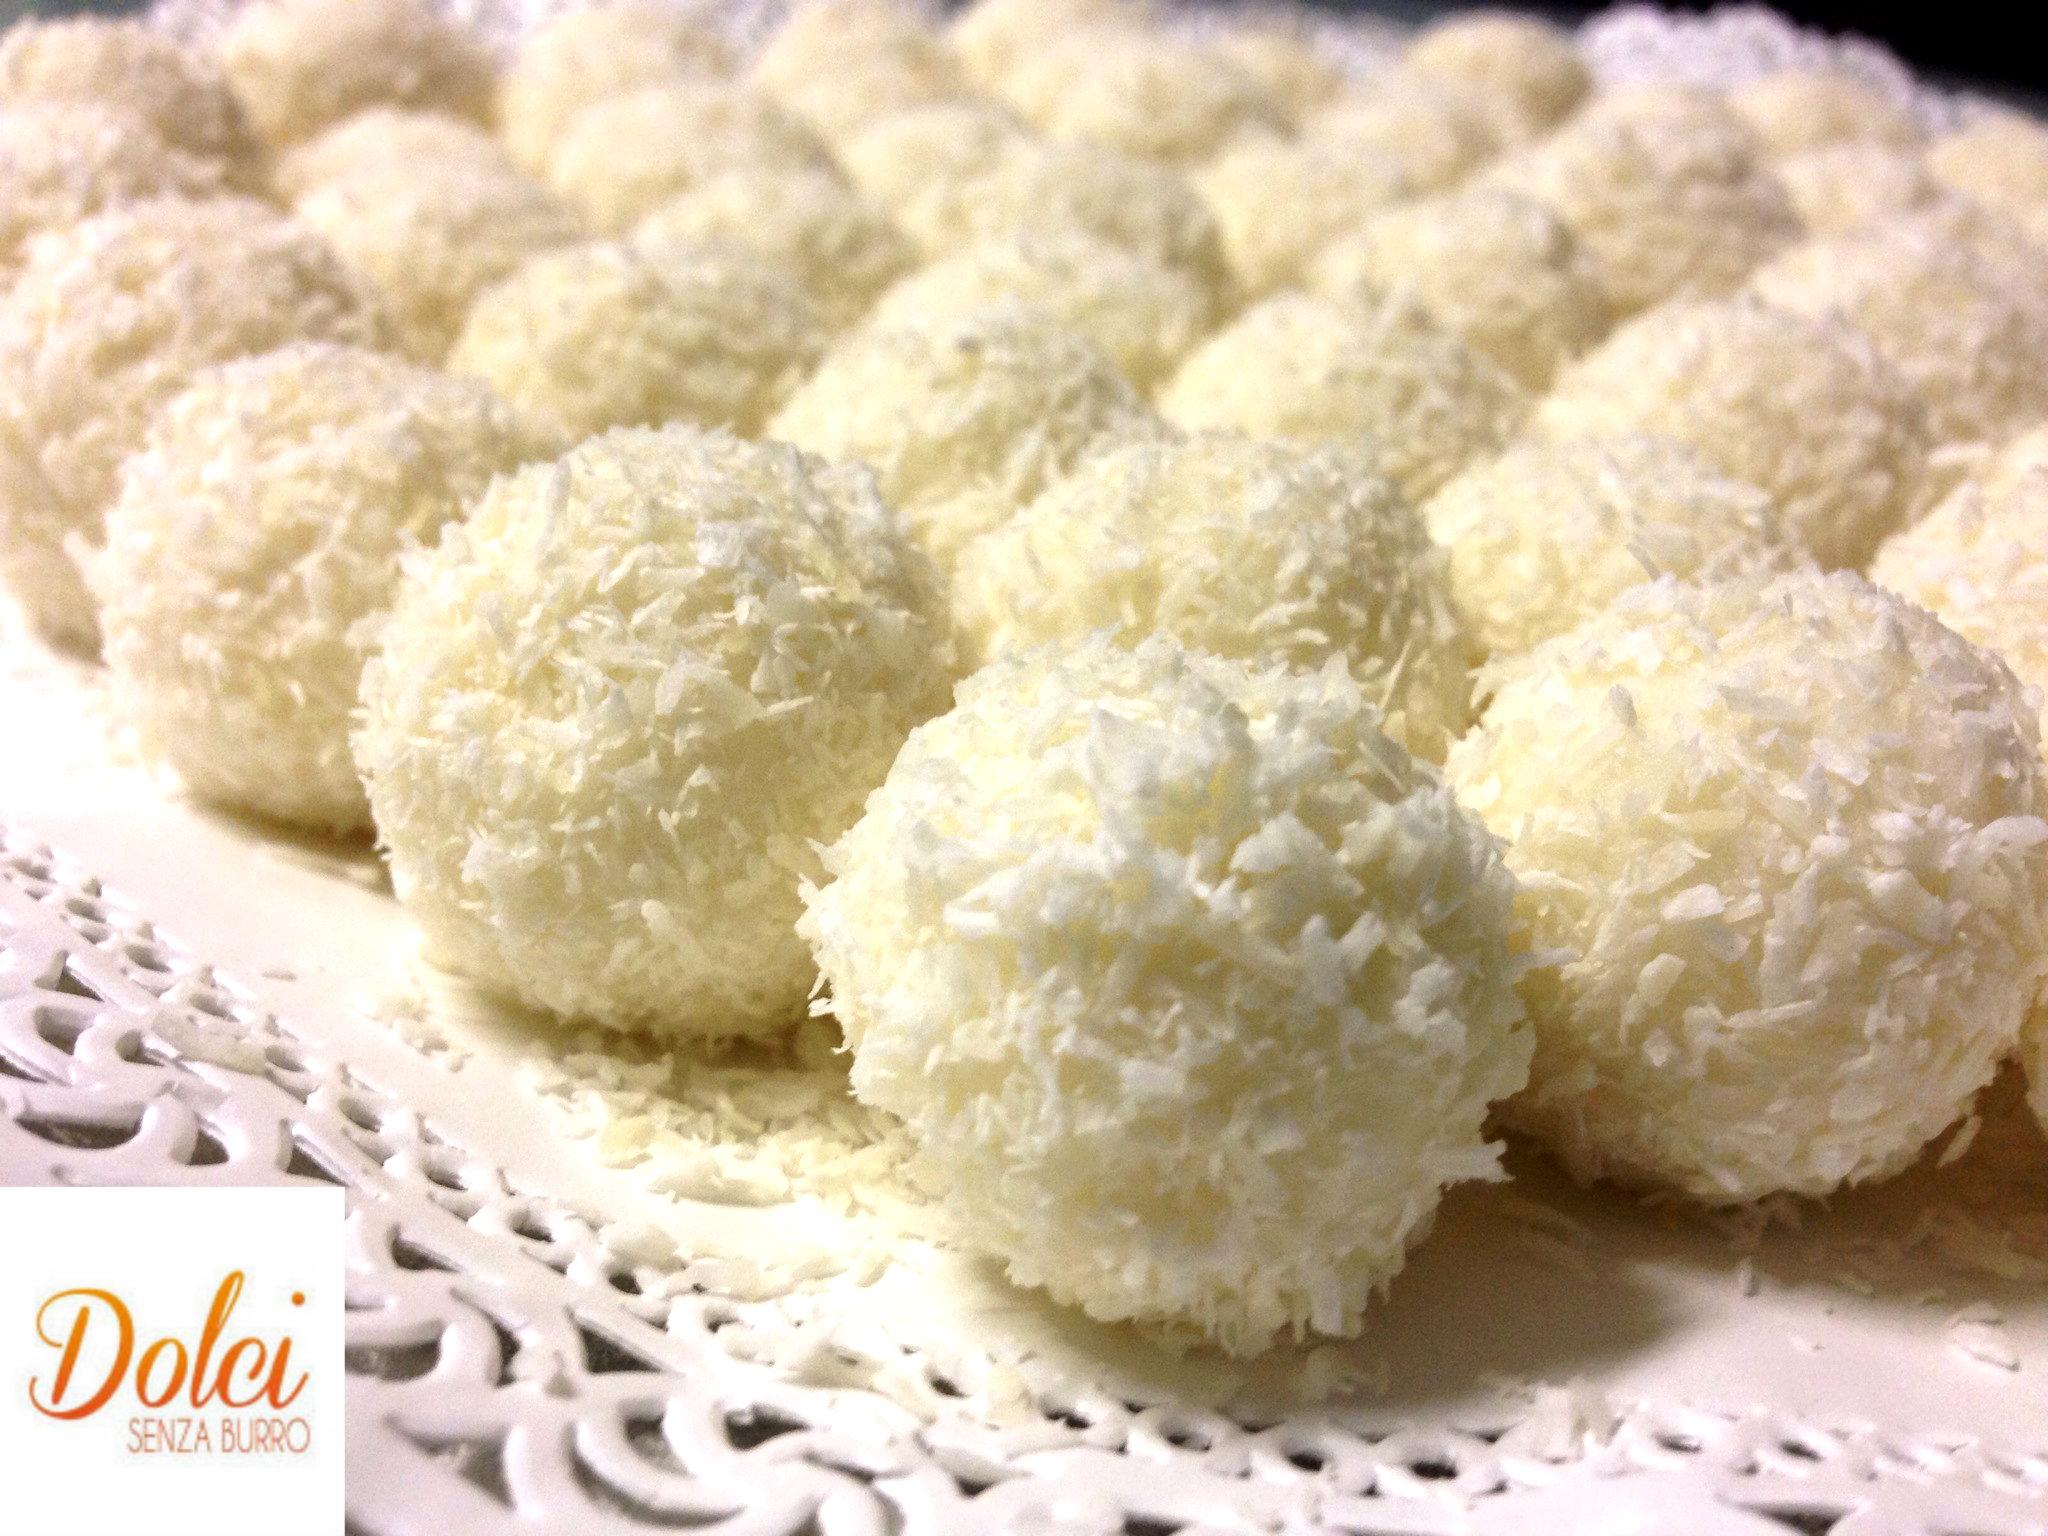 Le palline di cocco, il dolce facile e veloce di dolci senza burro